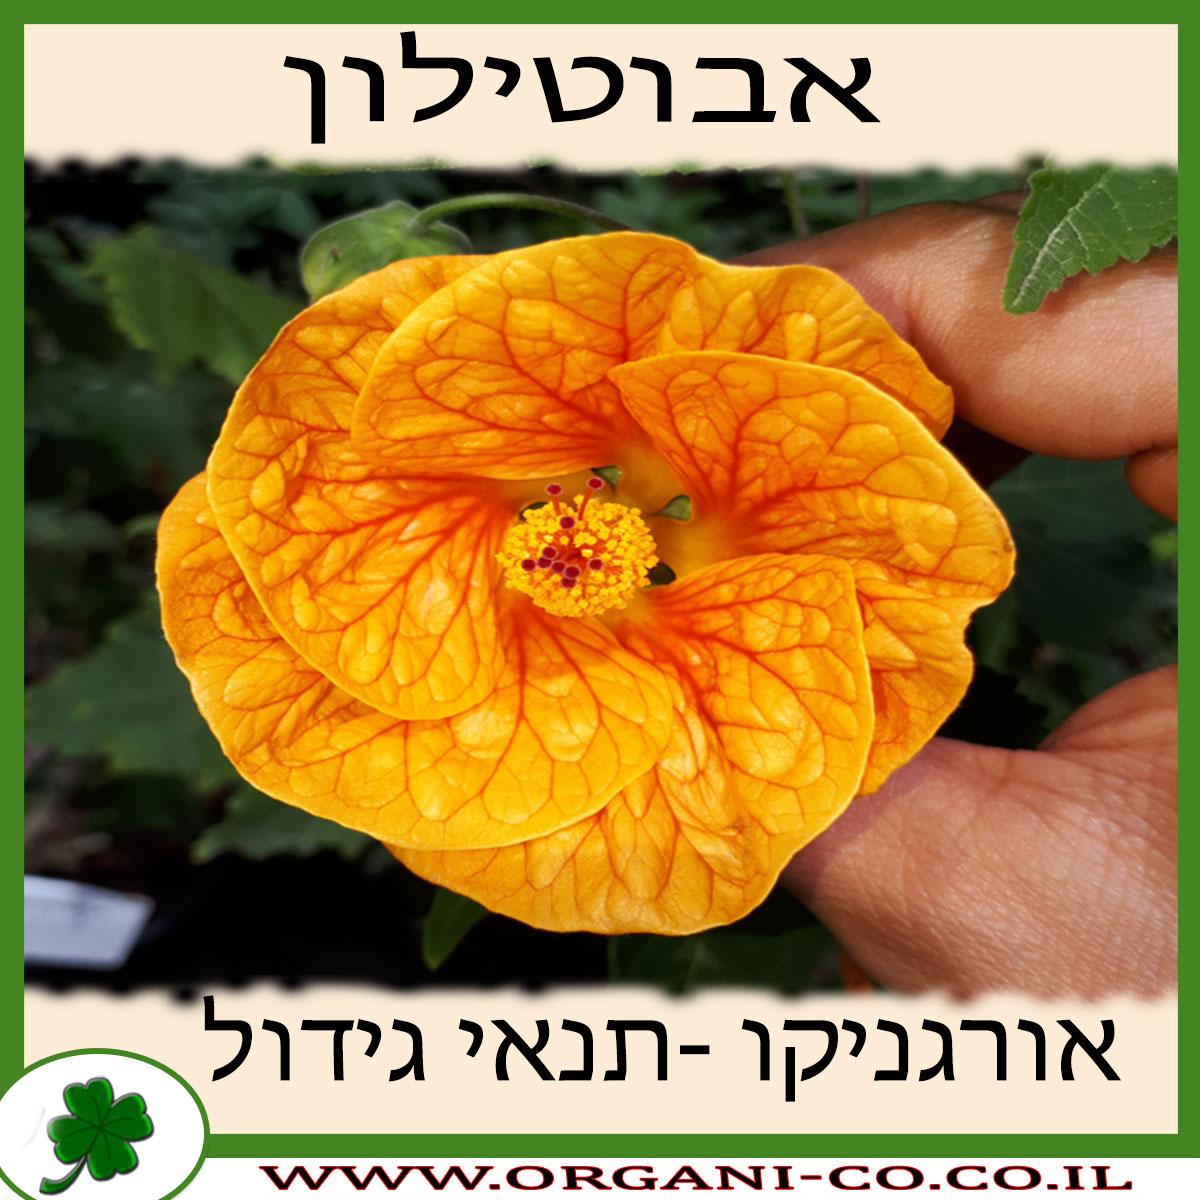 אבוטילון - גידול צמח